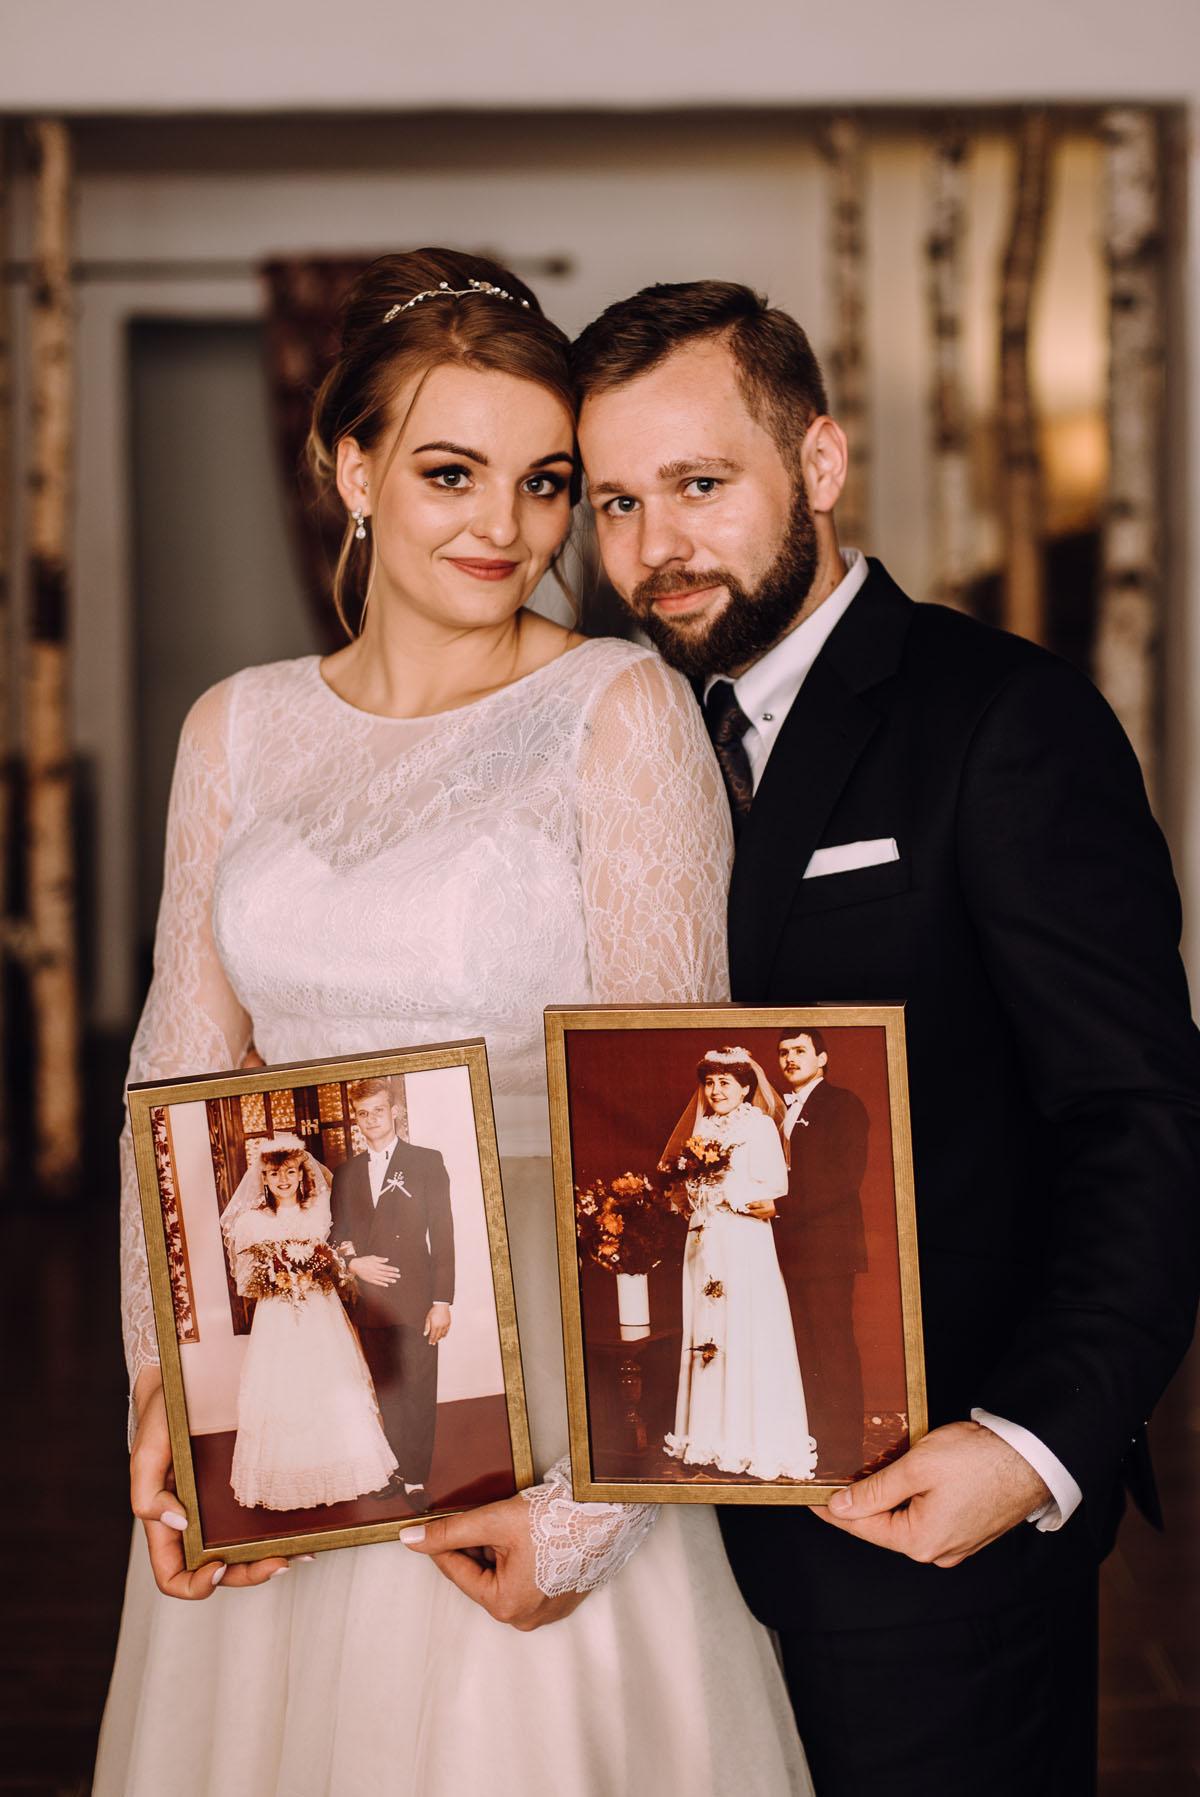 slub-Kosciol-Rektorski-Zgromadzenie-Ducha-Swietego-Bydgoszcz-Duchacze-wesele-dwor-Hulanka-Edyta-Michal-250